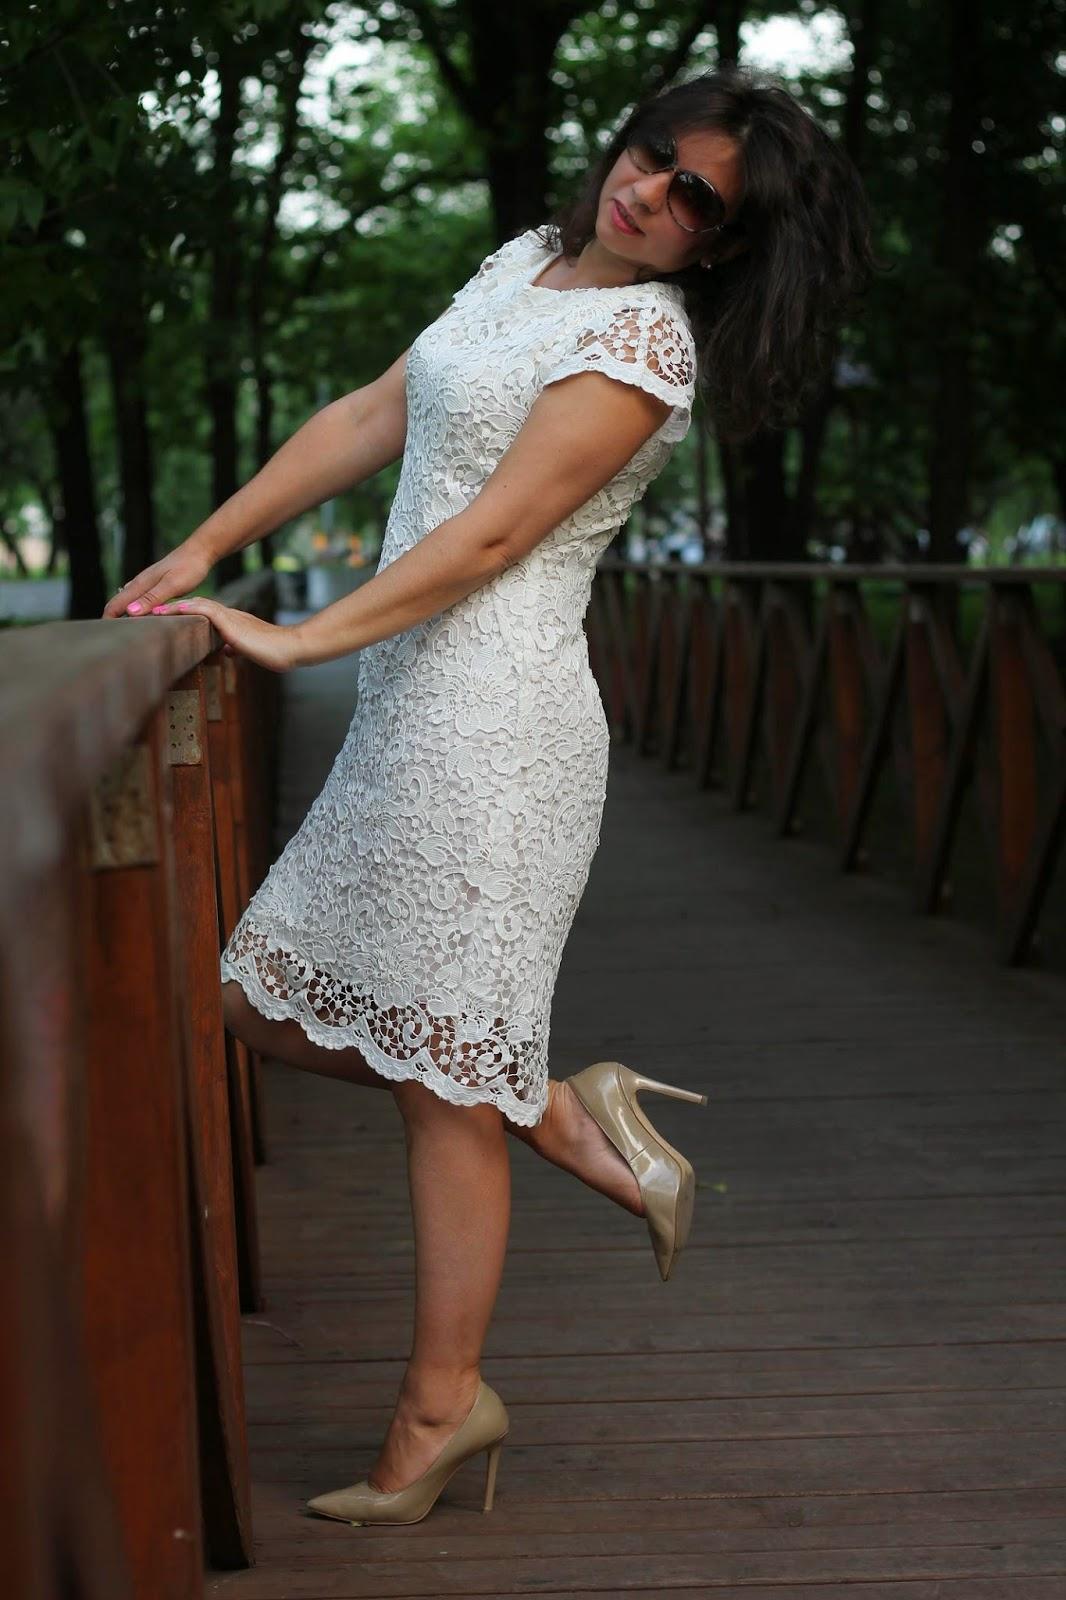 Я тоже такое платье хочу